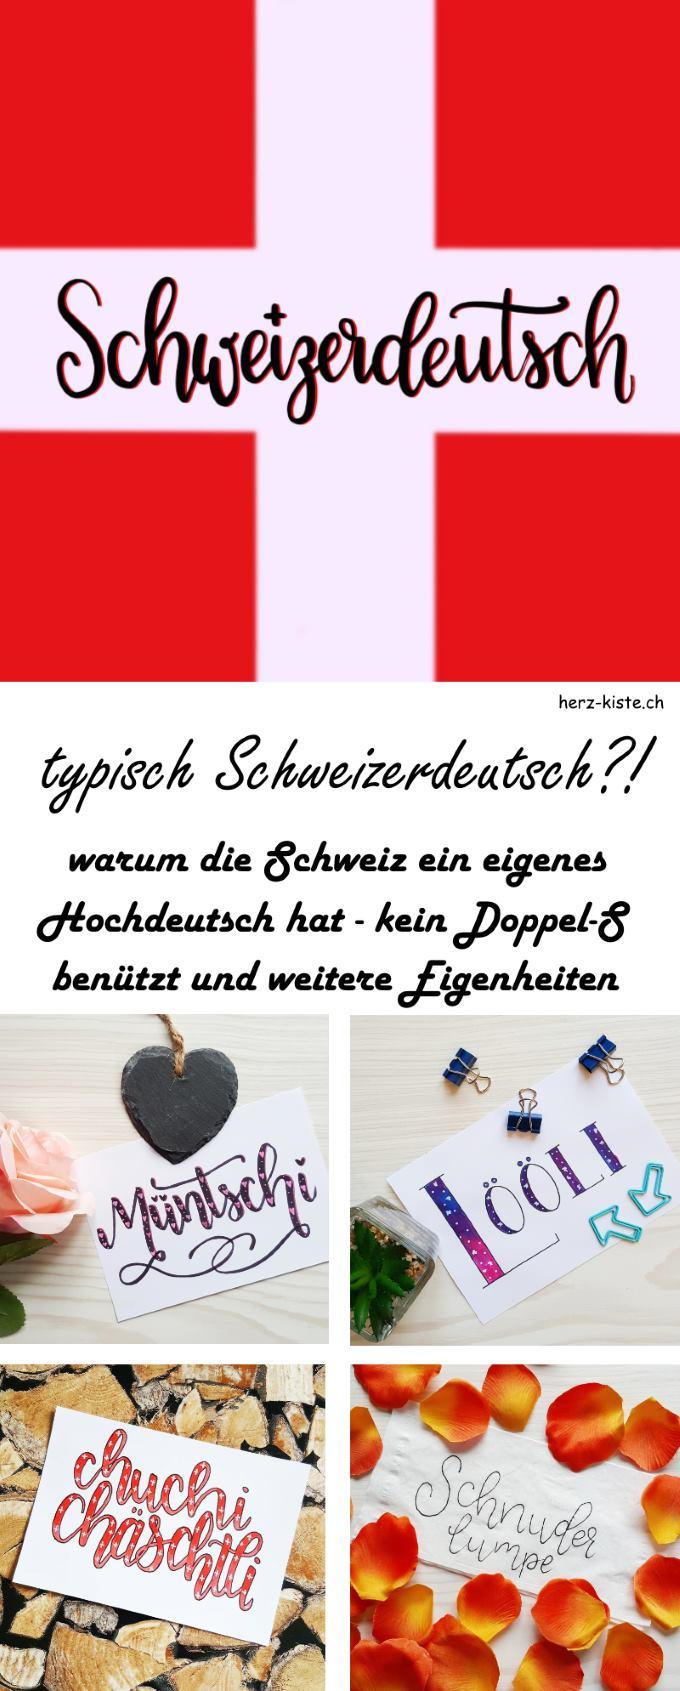 Typisch Schweizerdeutsch!? viele lustige und spezielle Eigenheiten aus der schweizer Sprache